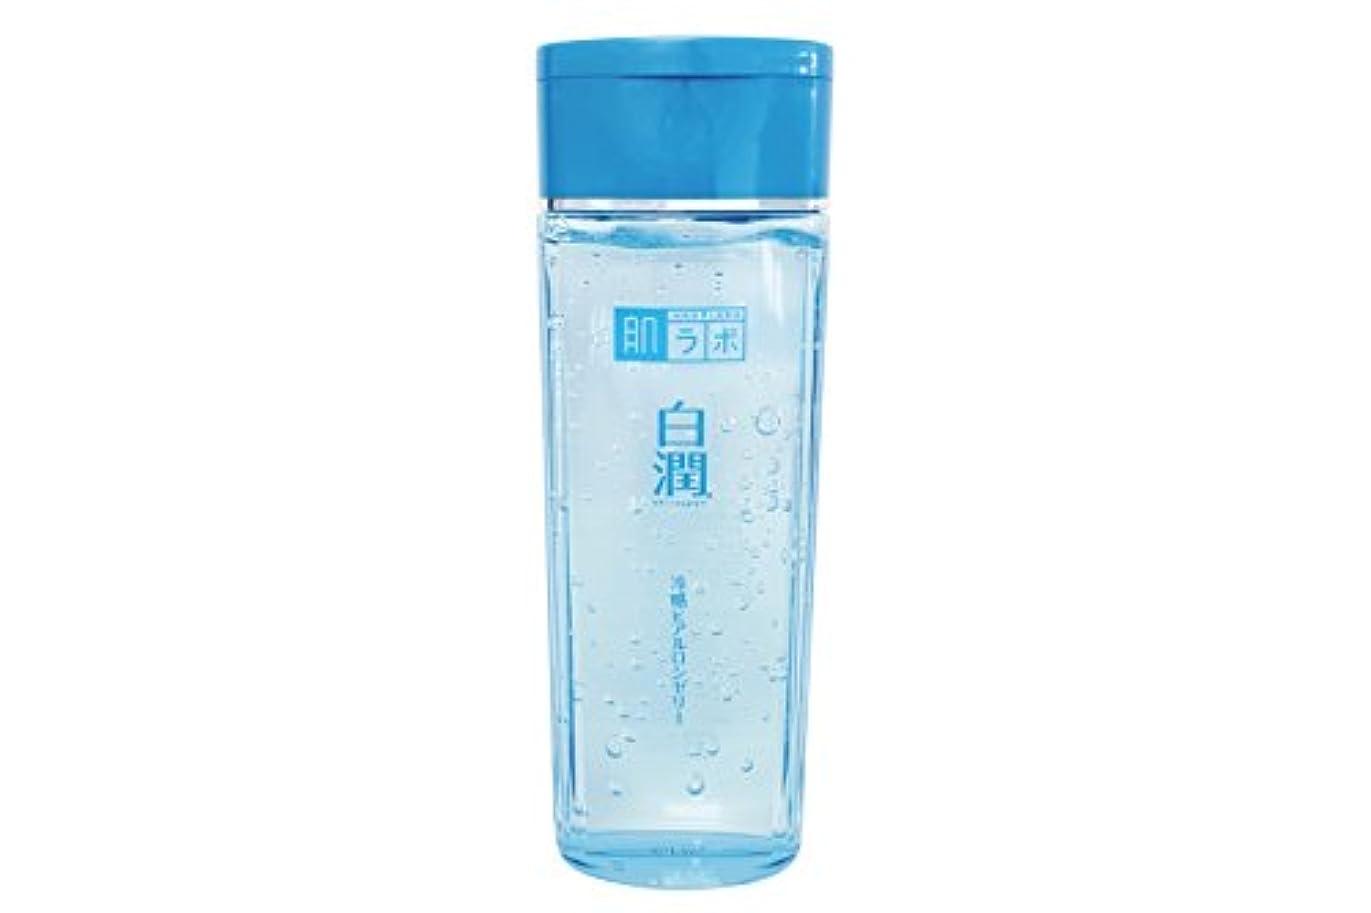 タッチ打倒確かな肌ラボ 白潤 冷感ヒアルロンゼリー 化粧水?乳液?美容液?収れん?パックの5役 4つの潤い成分配合 200mL